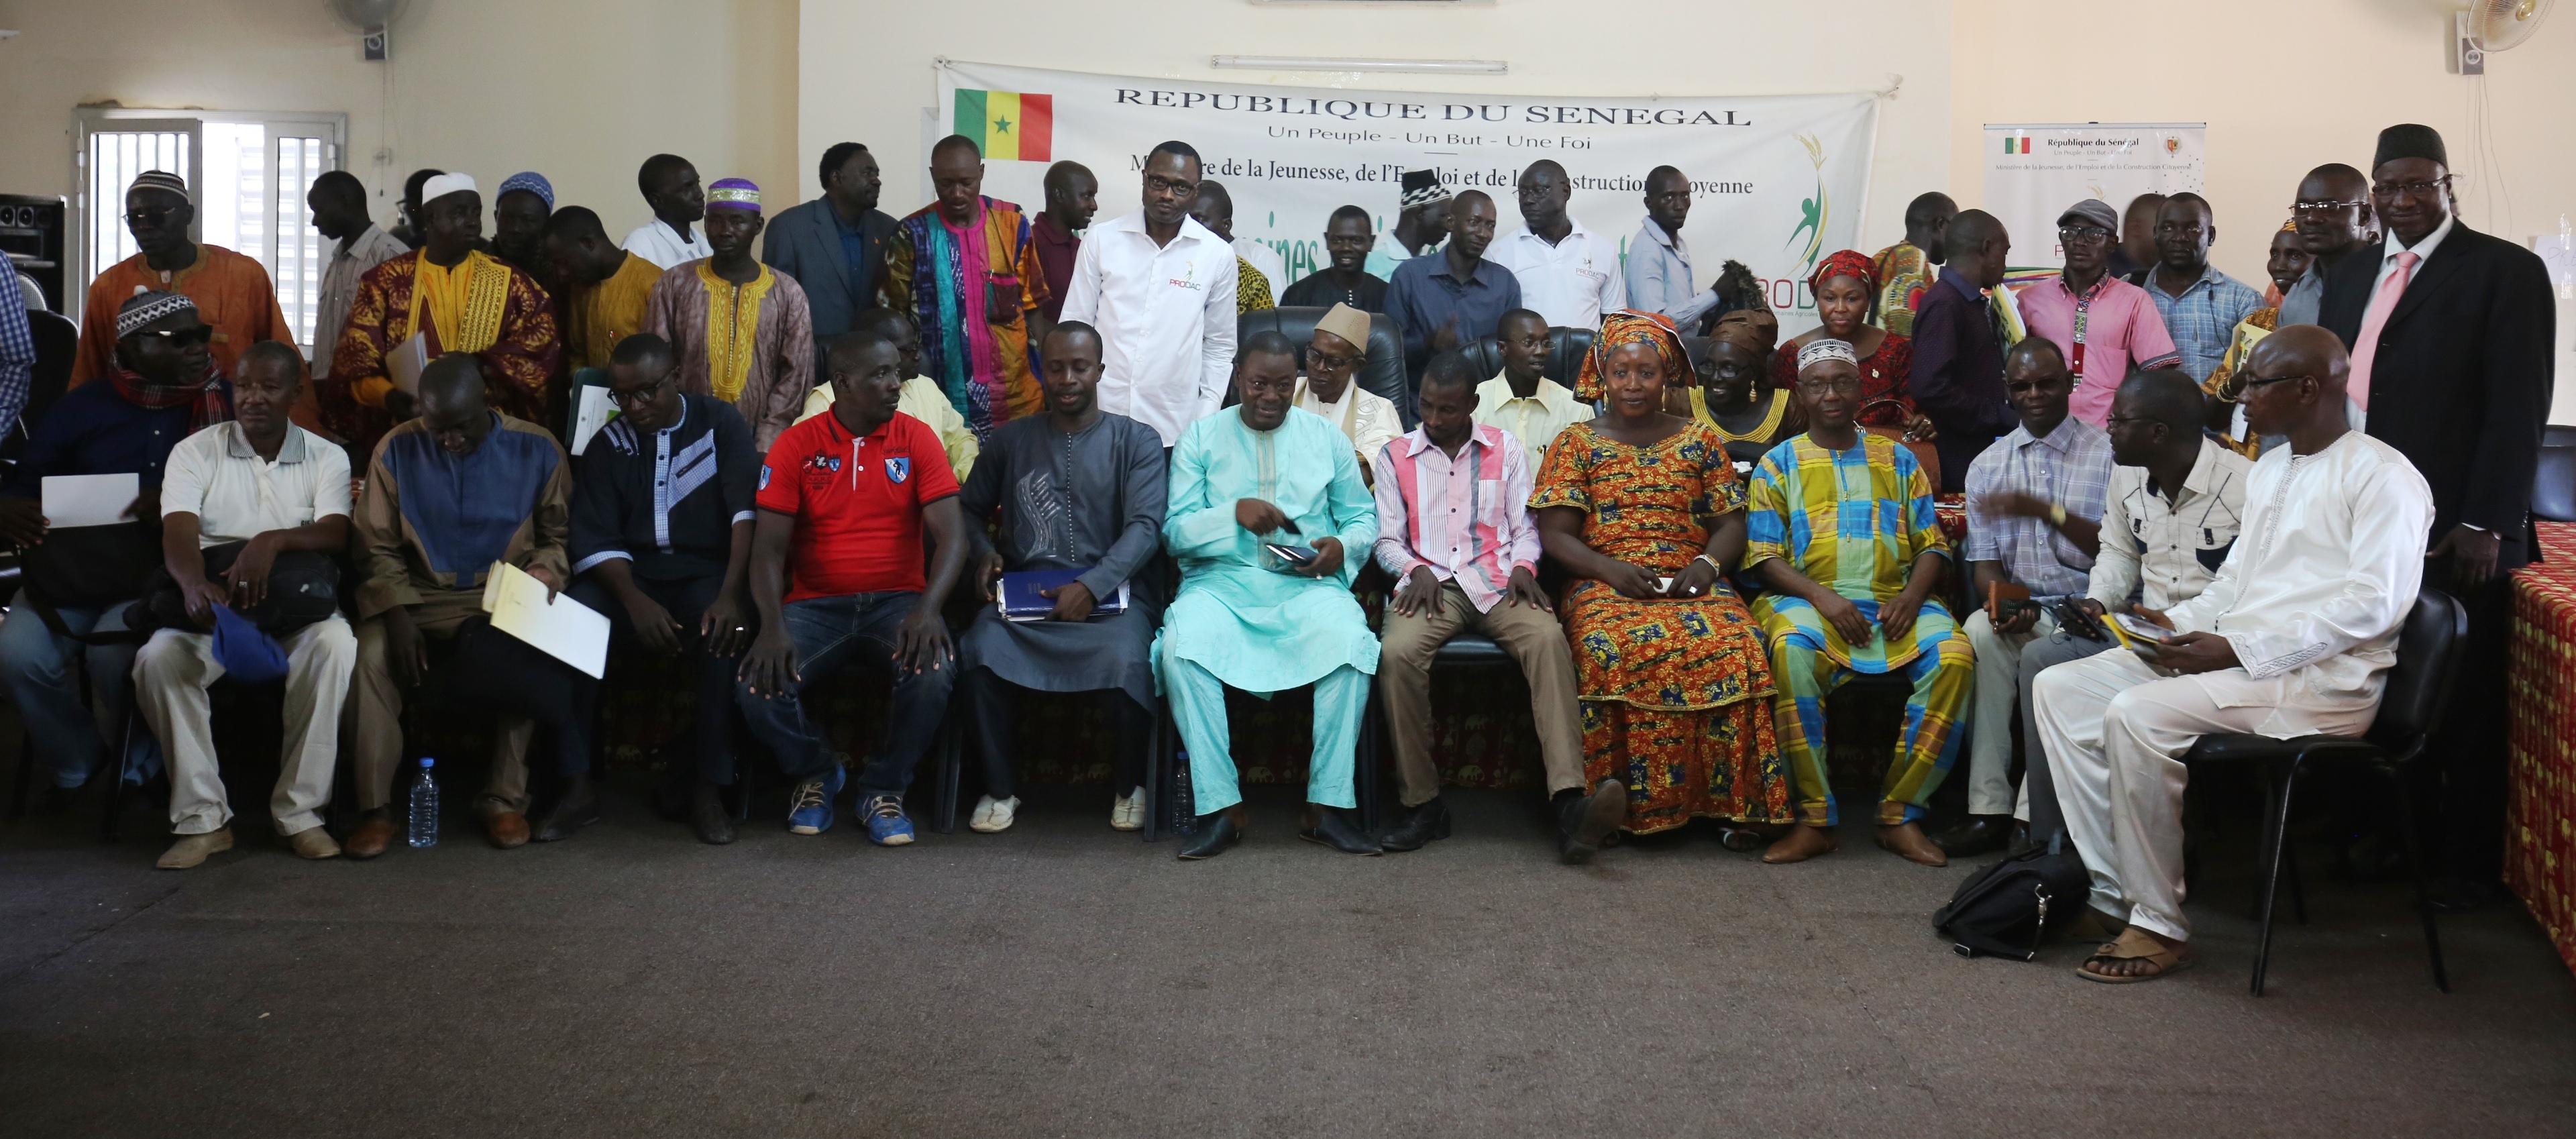 Déclaration des élus de la région de Sédhiou suite à la tenue de l'atelier de partage sur le domaine agricole communautaire de Séfa